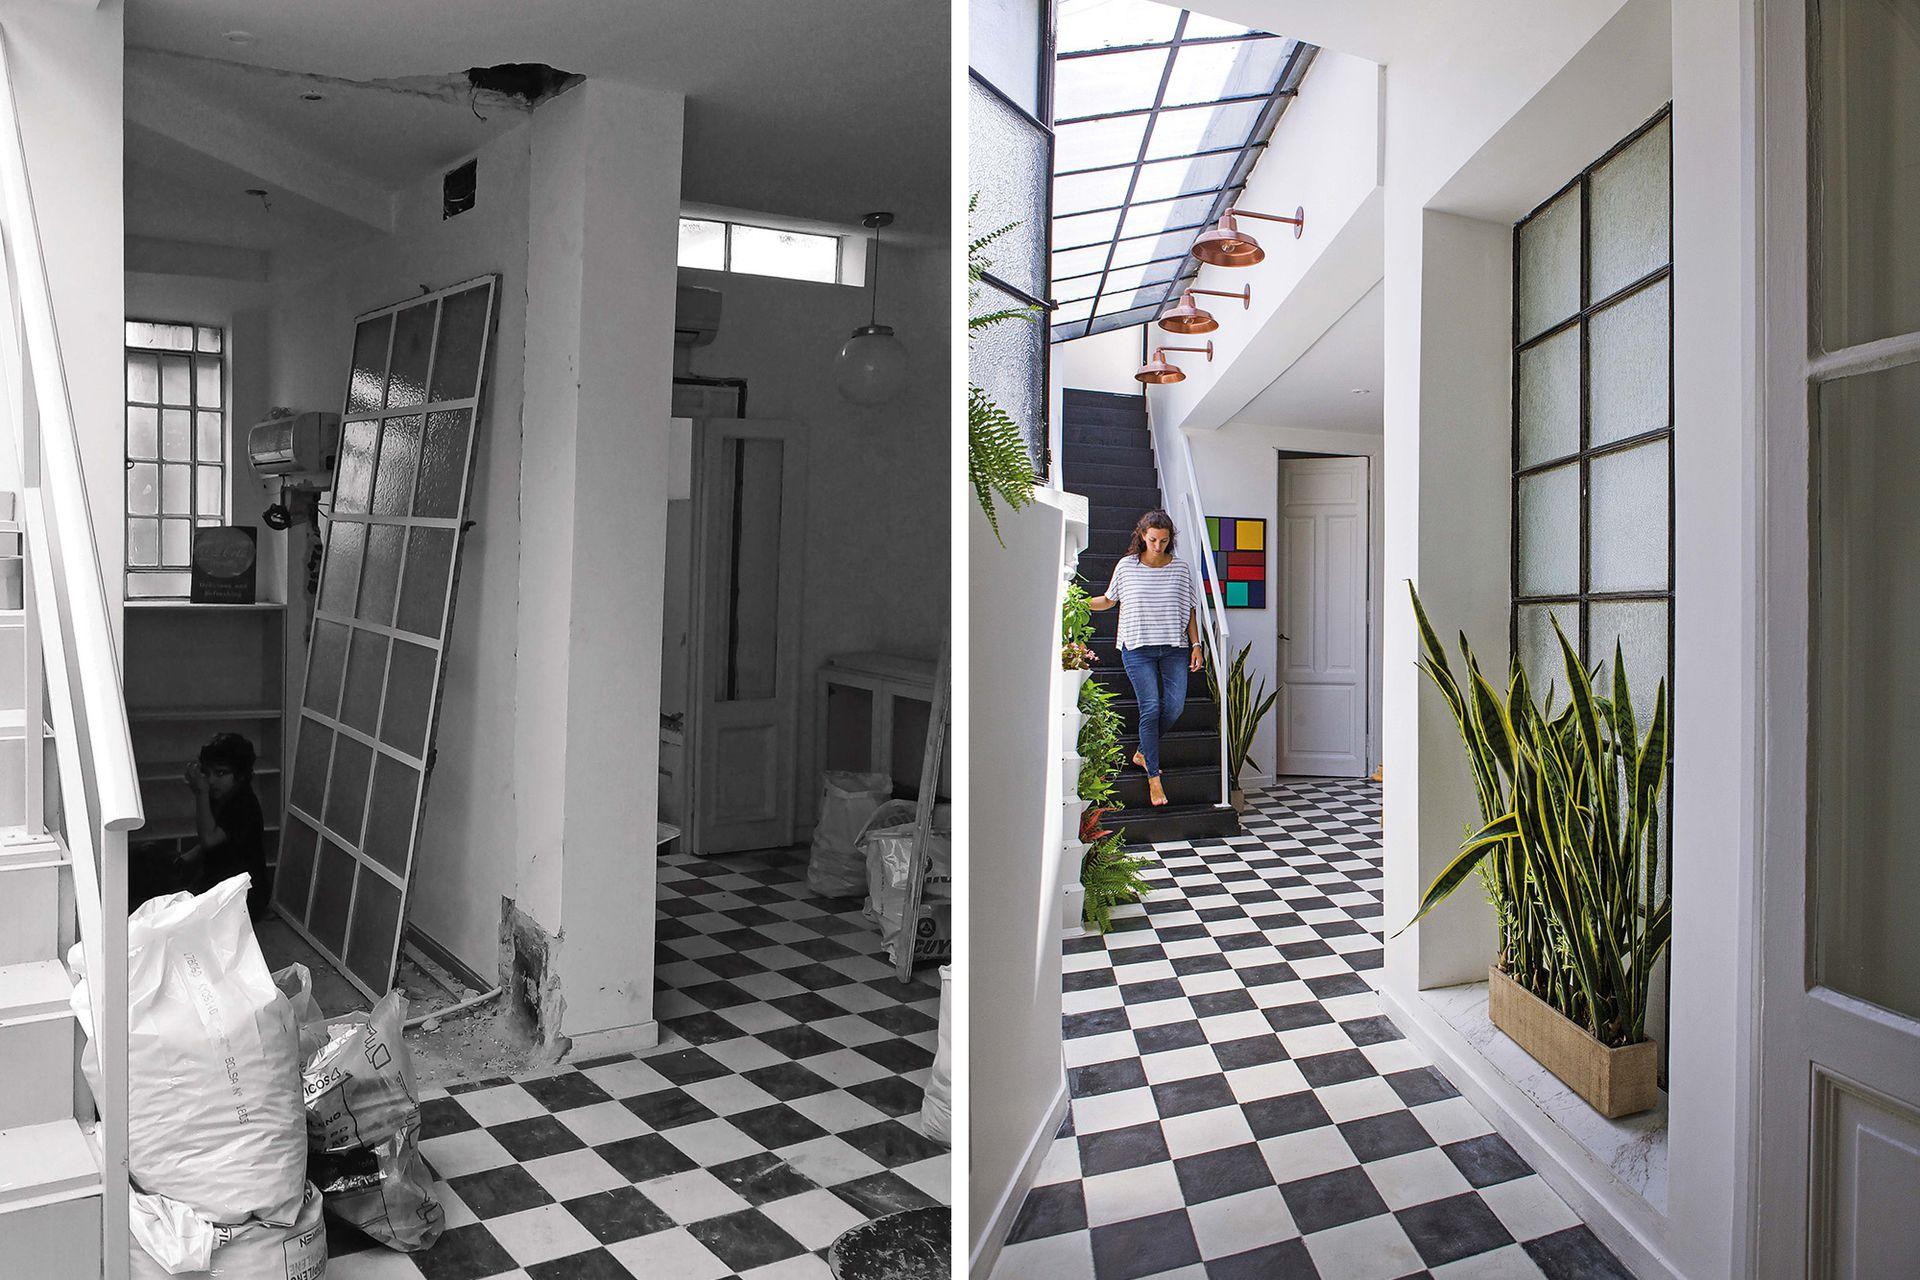 En el ingreso a la casa está la galería con un trío de galponeras de cobre (Tienda Luz) en línea con la escalera a la terraza.